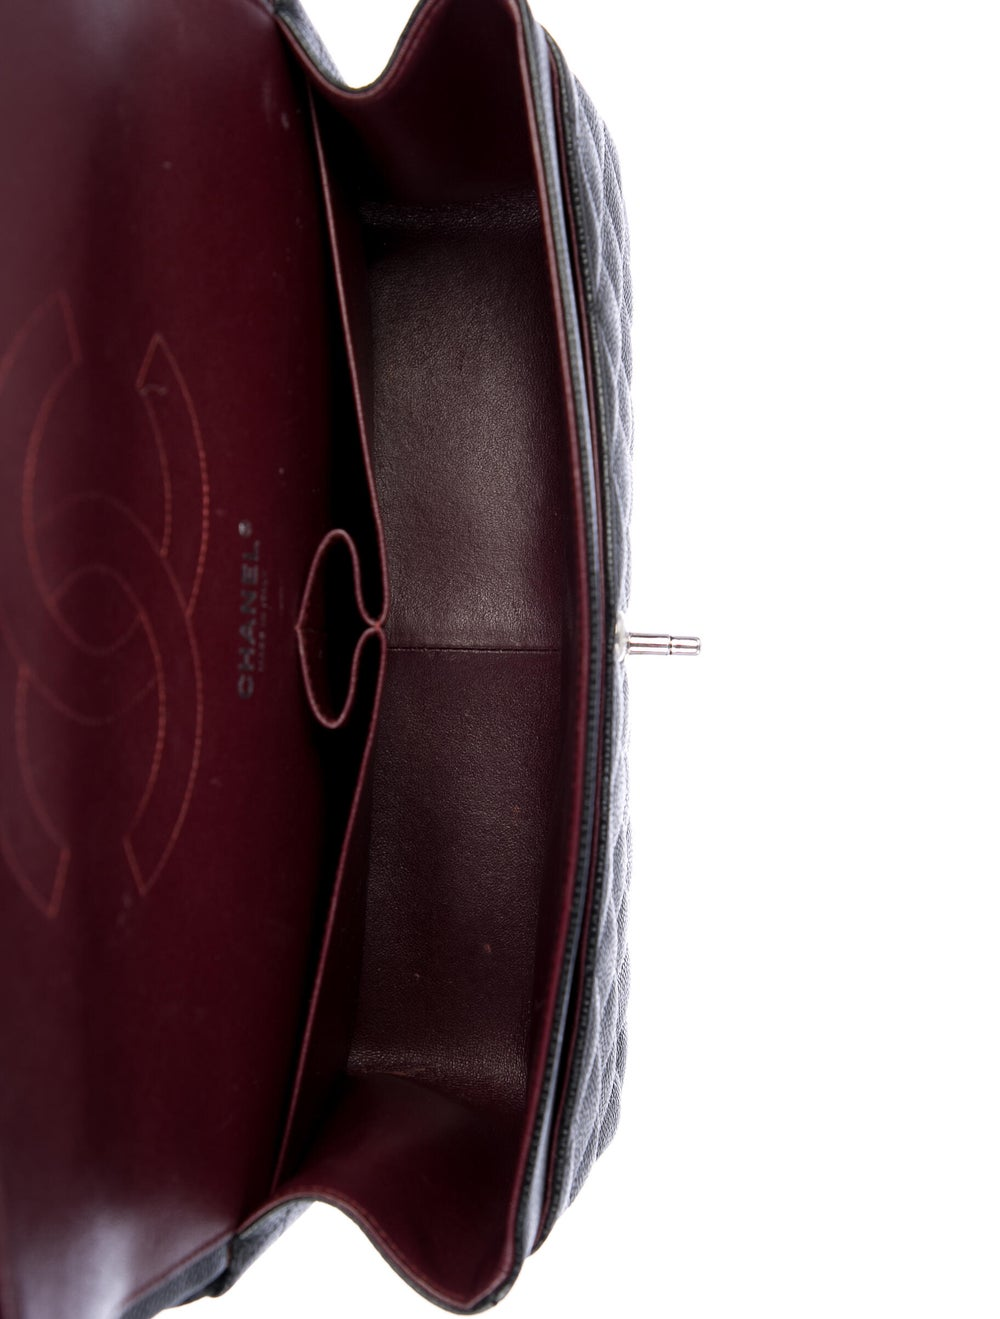 Chanel 2019 Classic Jumbo Double Flap Bag Black - image 5